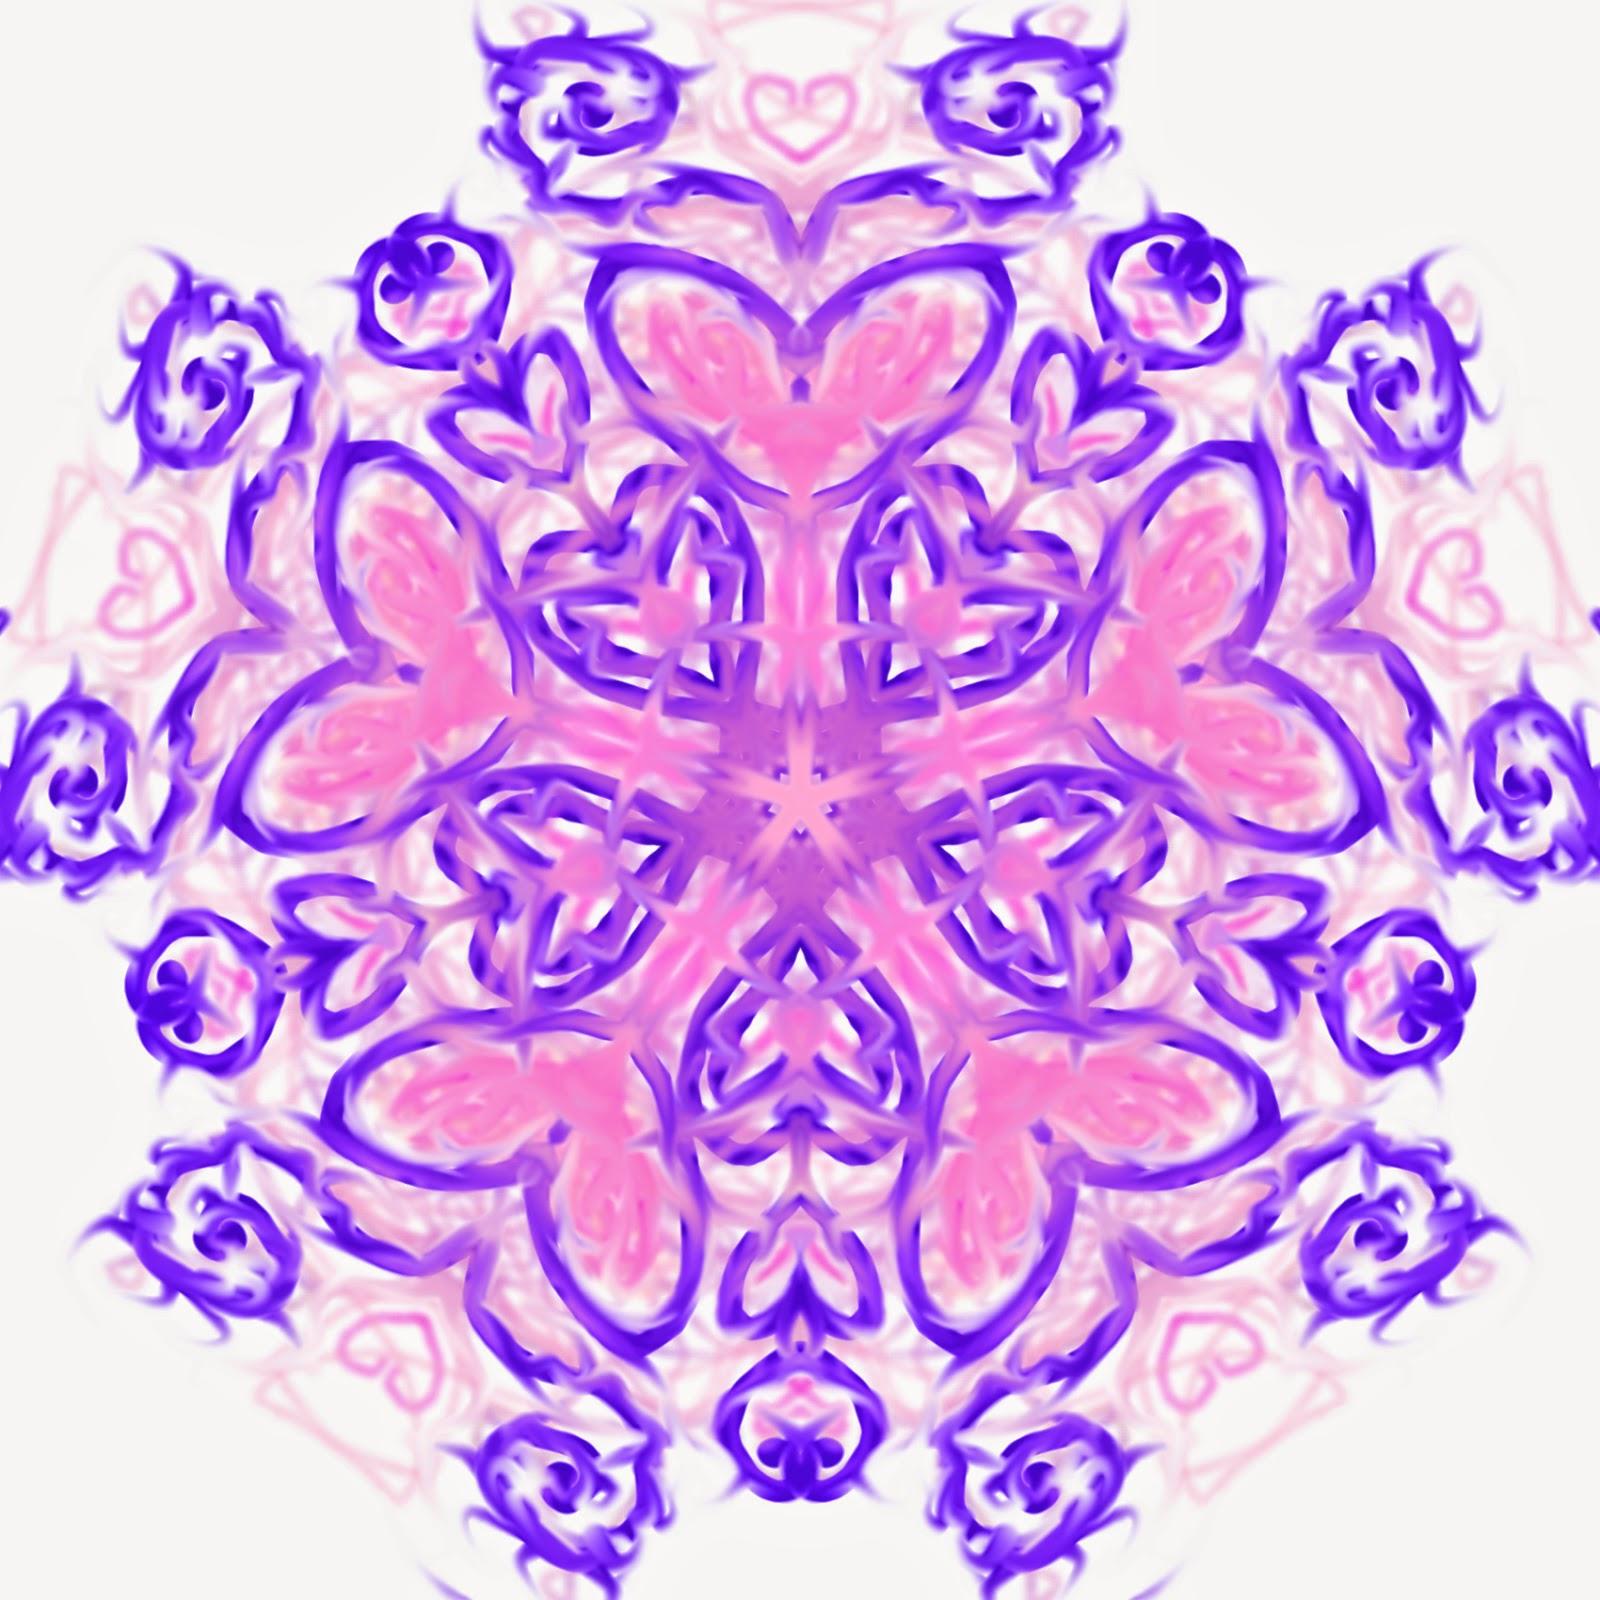 Heart Mandala Digital Art